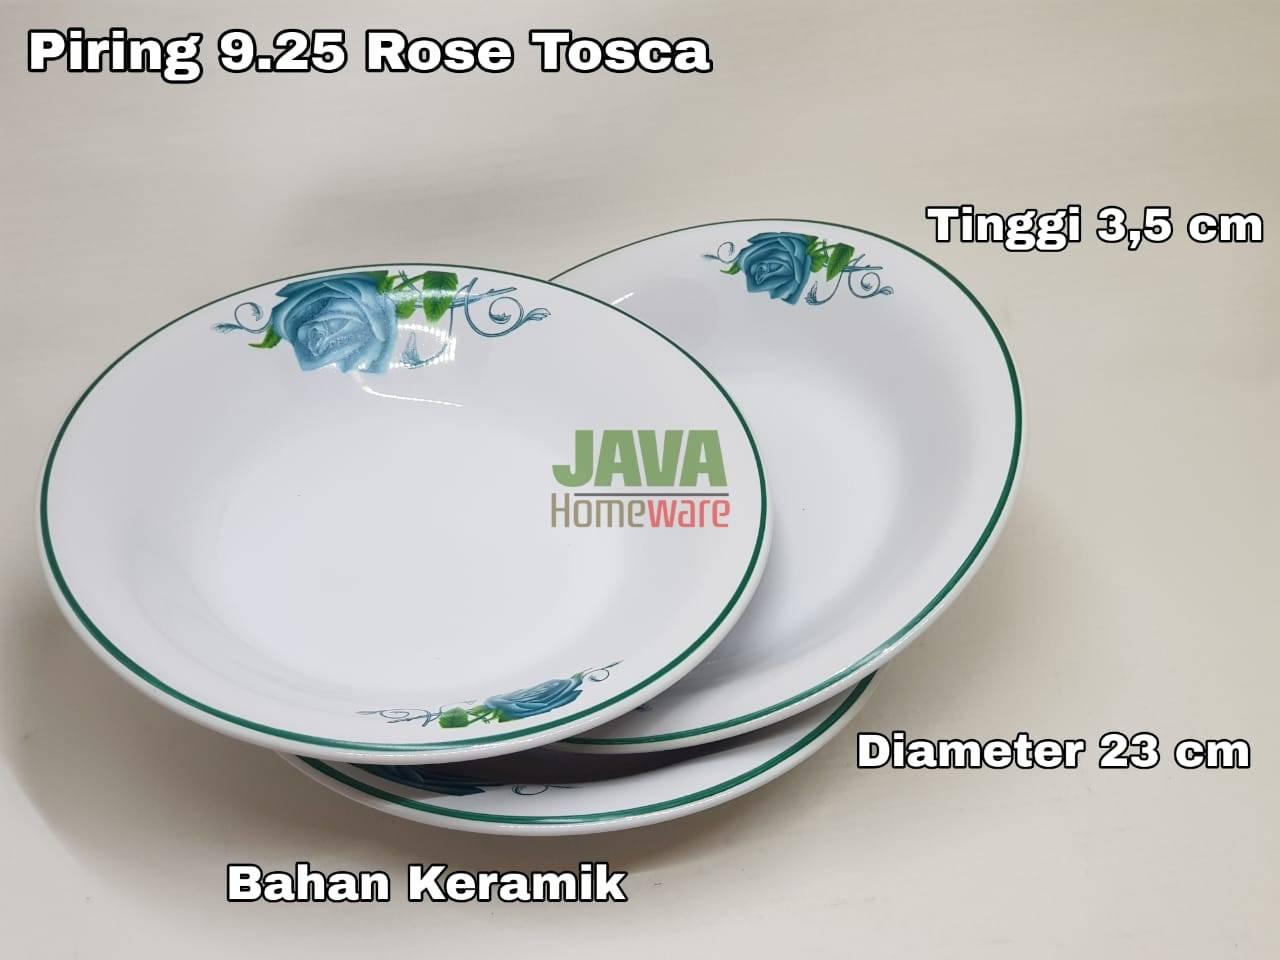 Piring 9.25 Rose Tosca